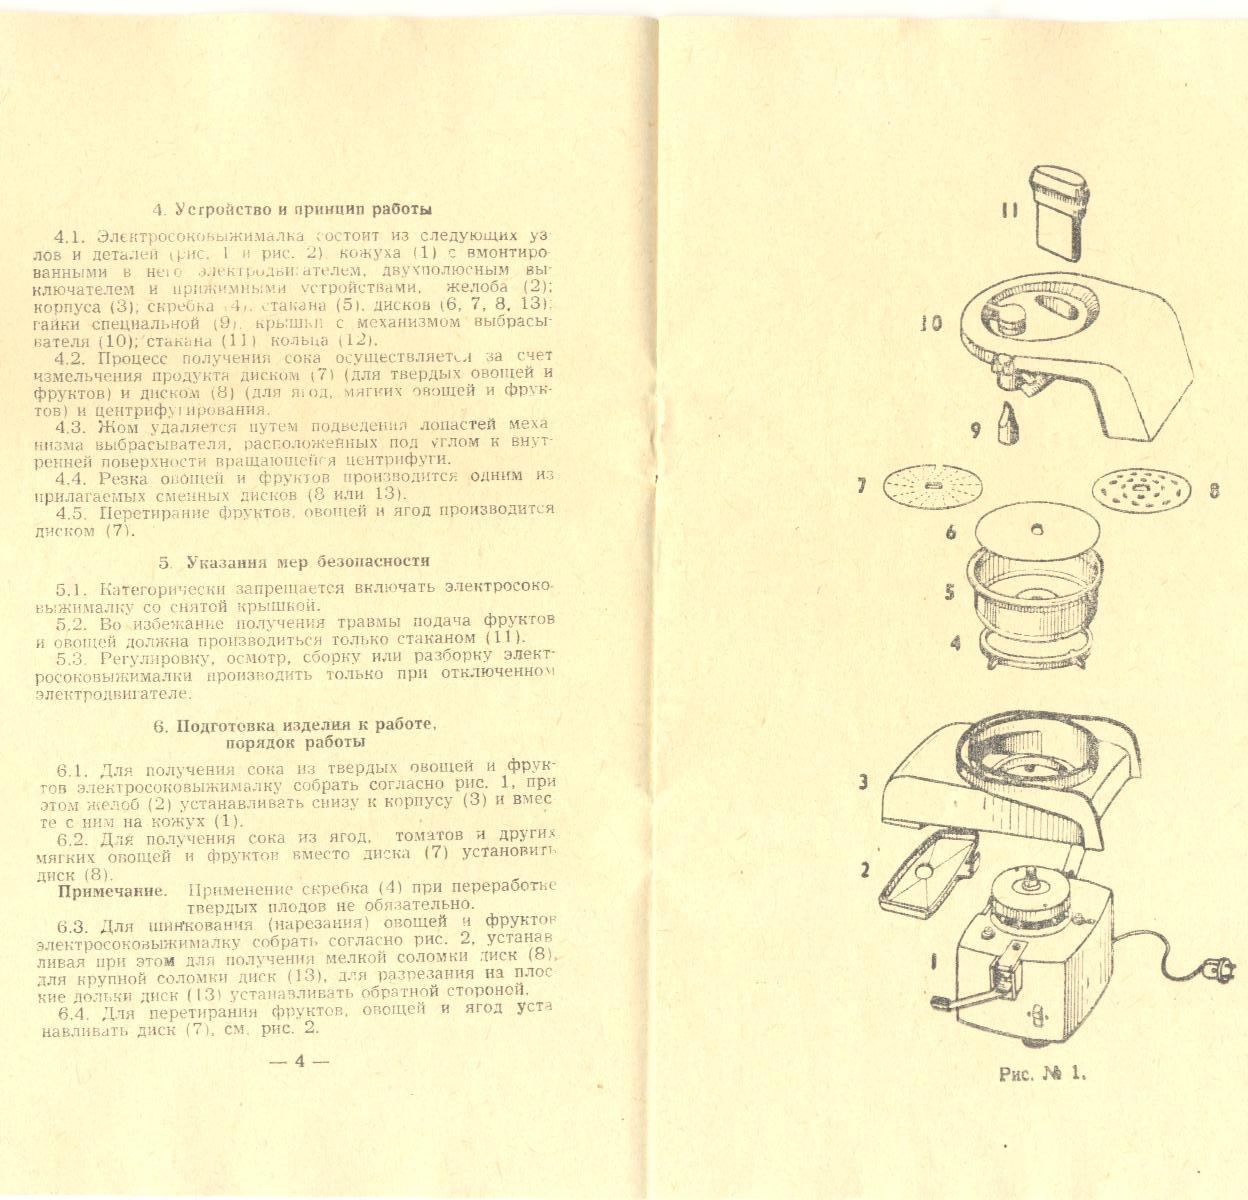 соковыжималка нектар инструкция